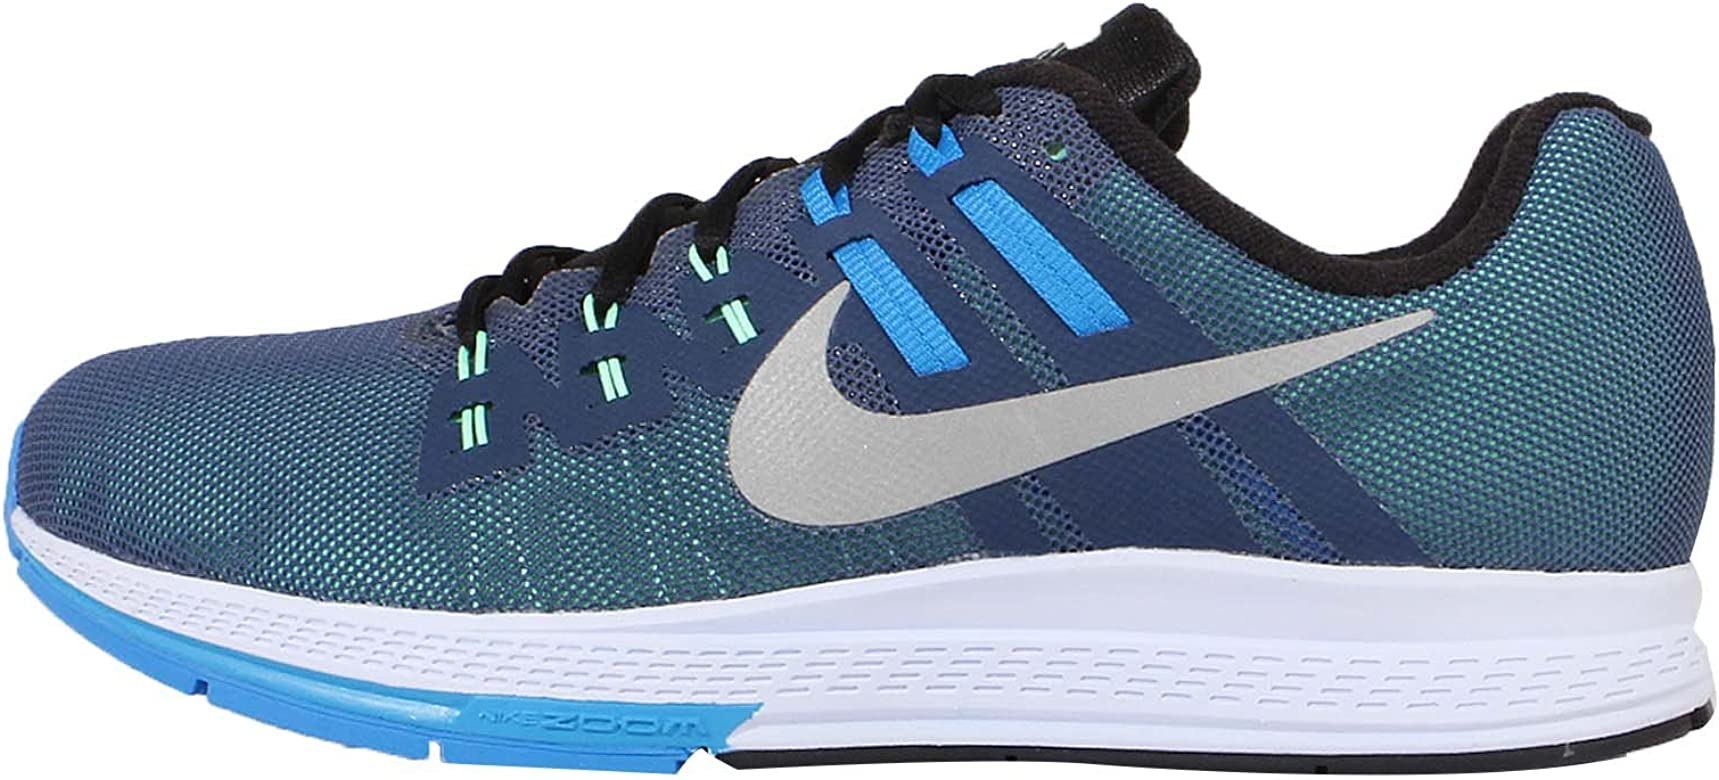 Nike Air Zoom Structure 19 Flash, Zapatillas de Running para Hombre, Azul/Plata/Blanco/Negro (Sqdrn Blue/Rflct Slvr-Bl LGN), 48 1/2 EU: Amazon.es: Zapatos y complementos